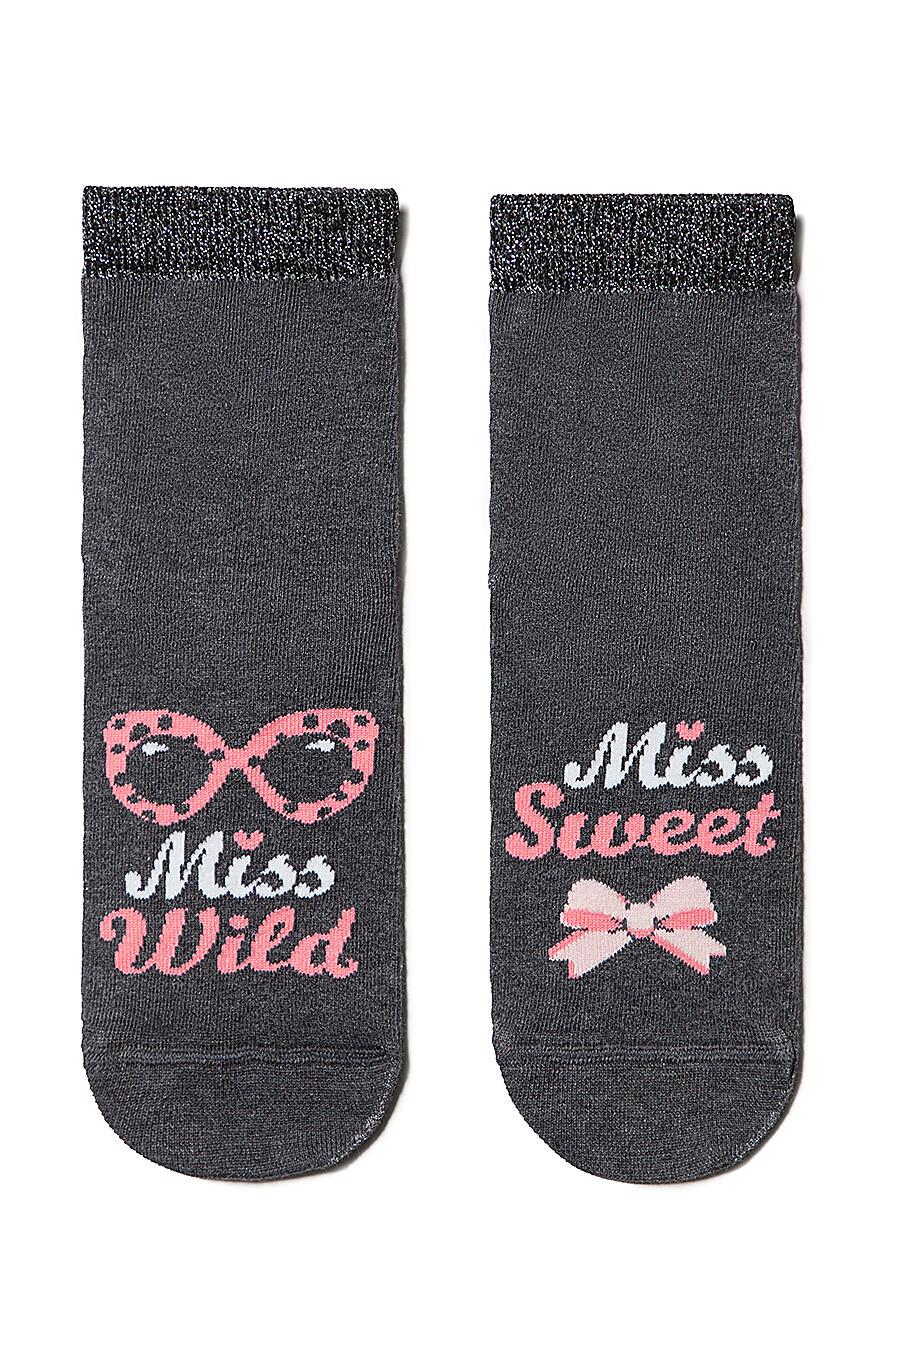 Носки для женщин CONTE ELEGANT 165287 купить оптом от производителя. Совместная покупка женской одежды в OptMoyo